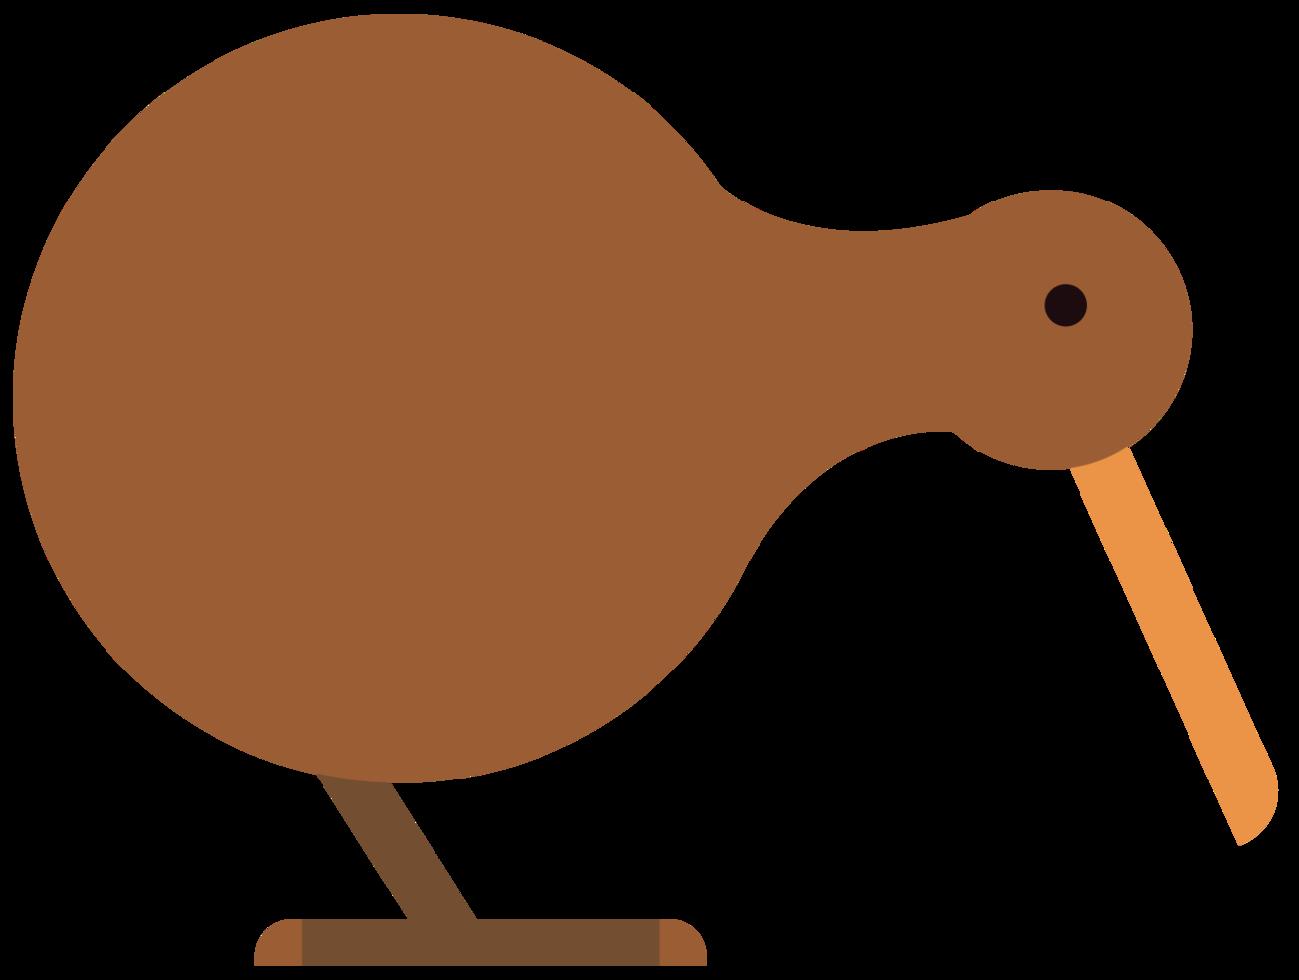 Kiwi vogel png